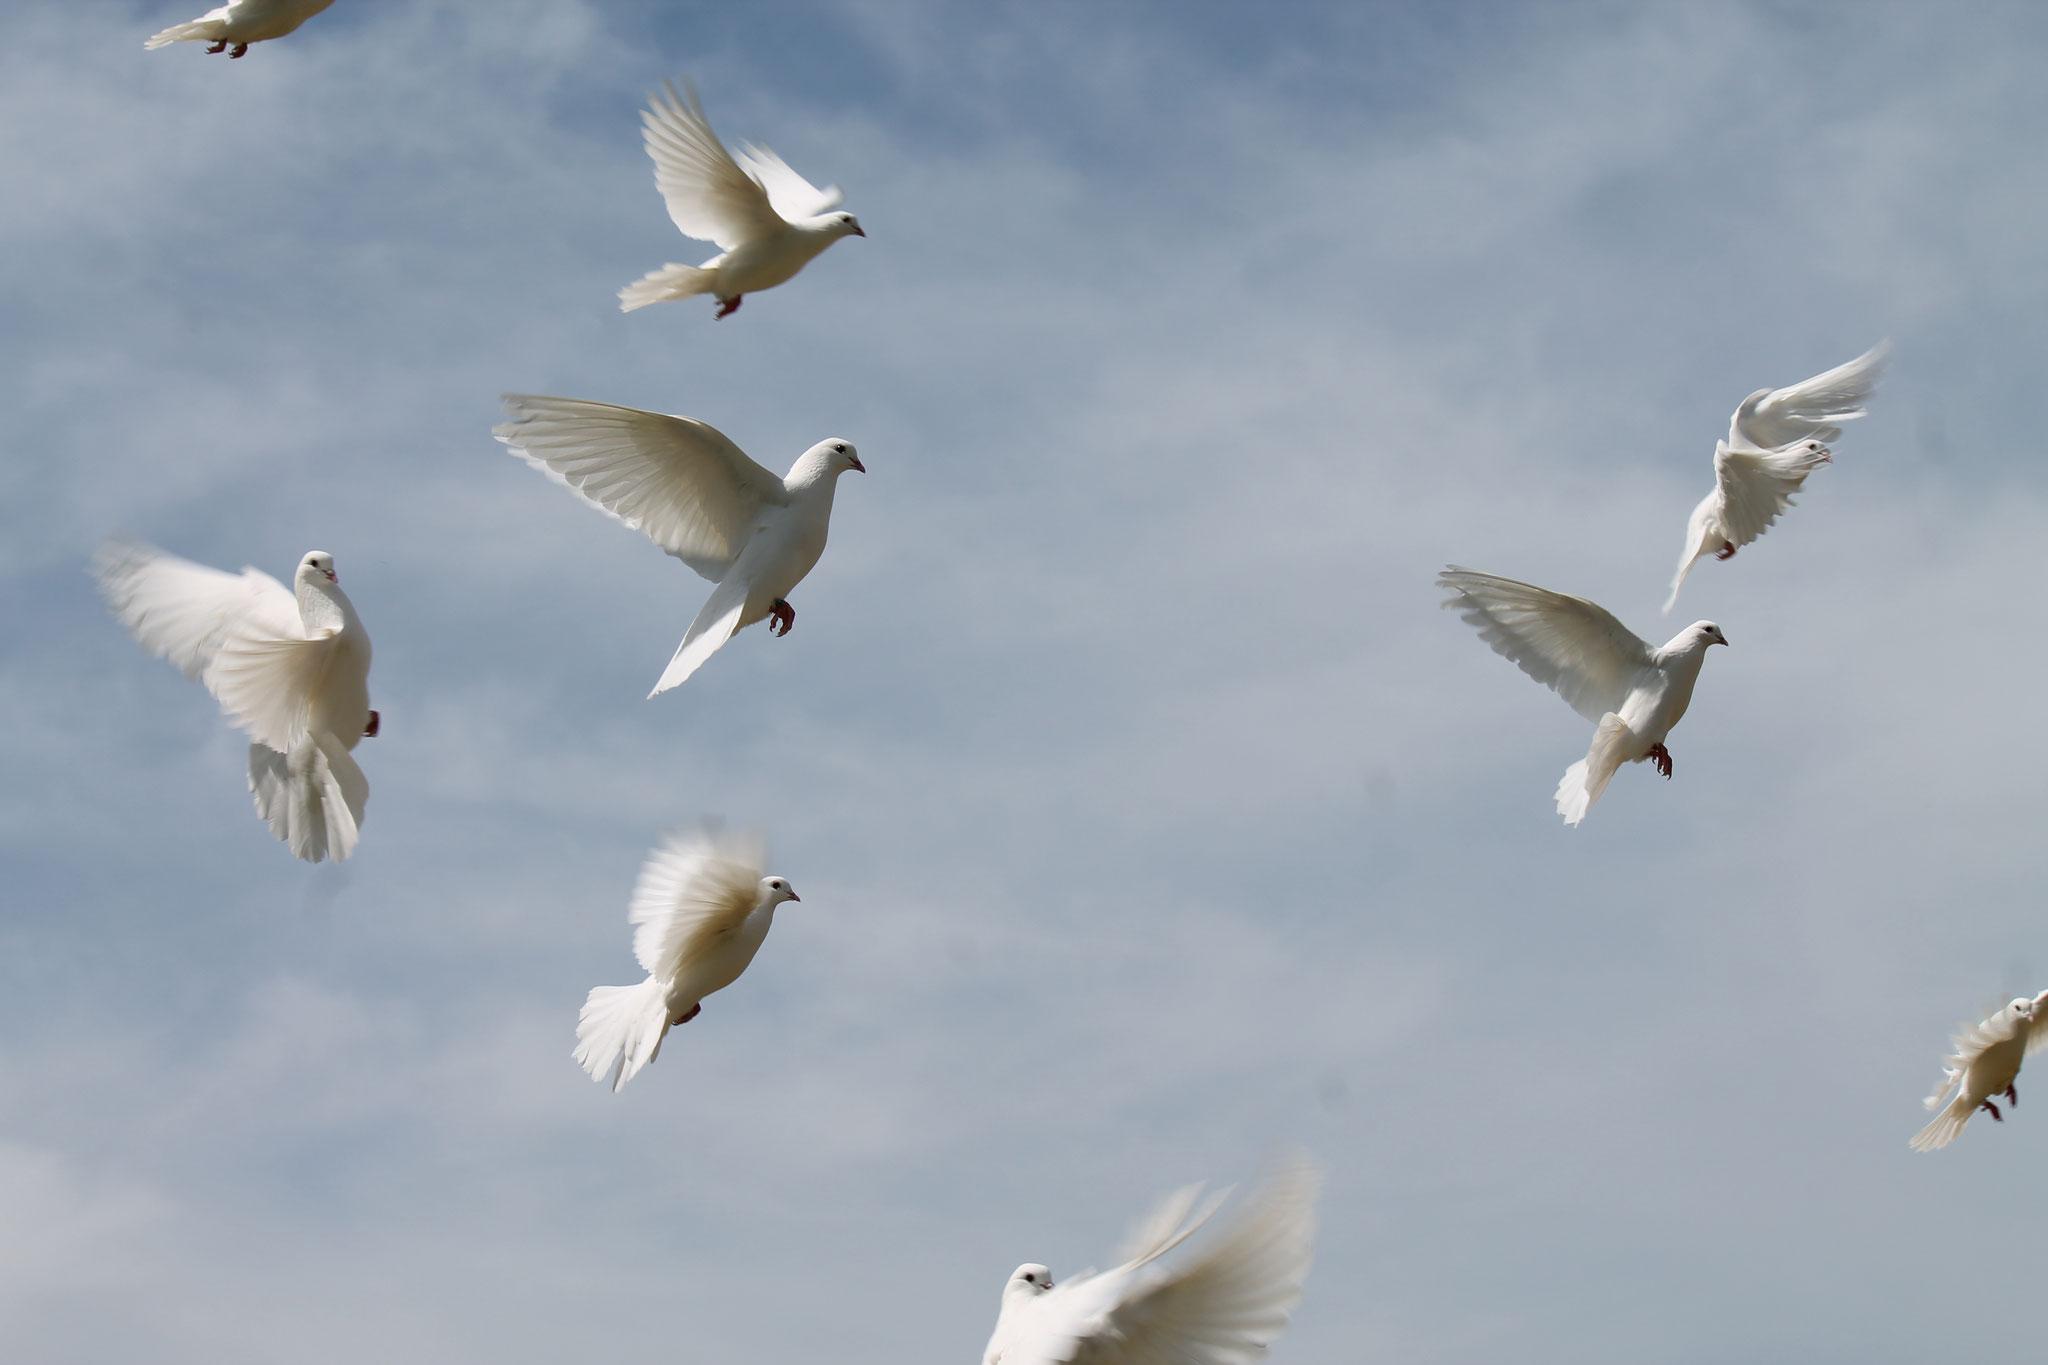 die weißen Hochzeitstauben fliegen